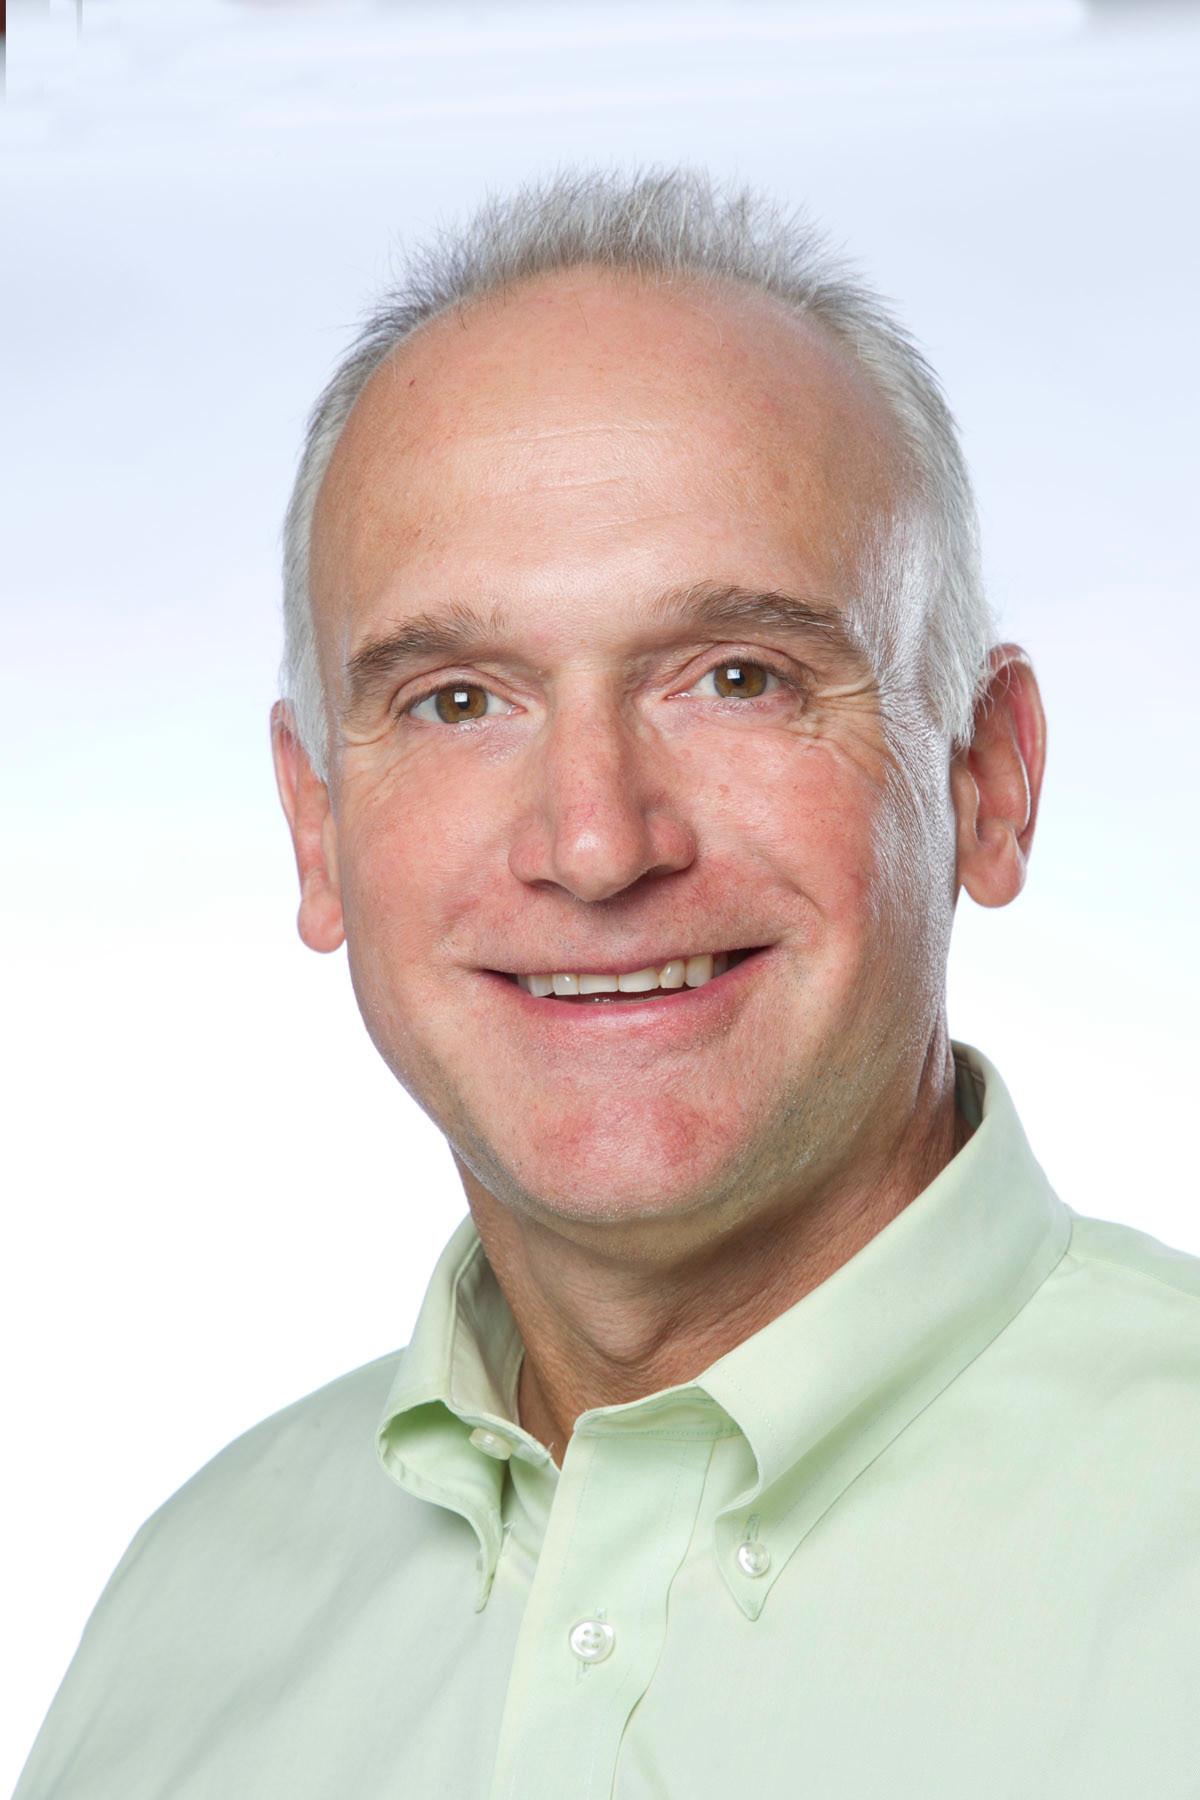 Dr. Paul DiSilvestro